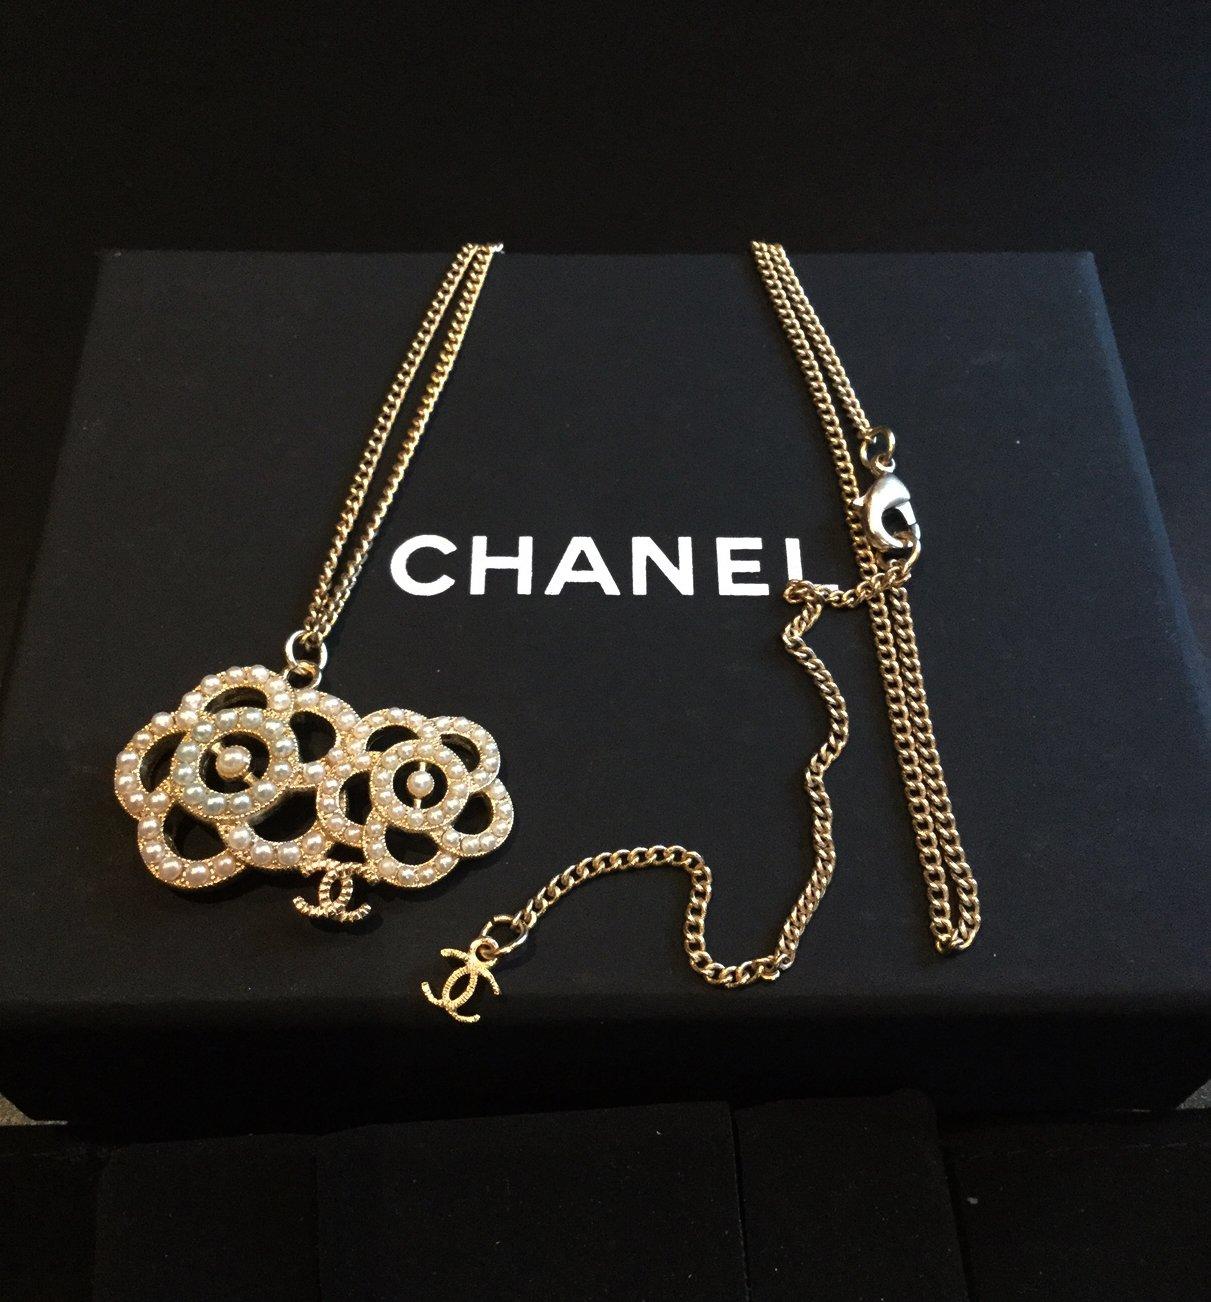 CHANEL Camellia Duo Pearl White Green CC Pendant Necklace GOLD Chain NIB